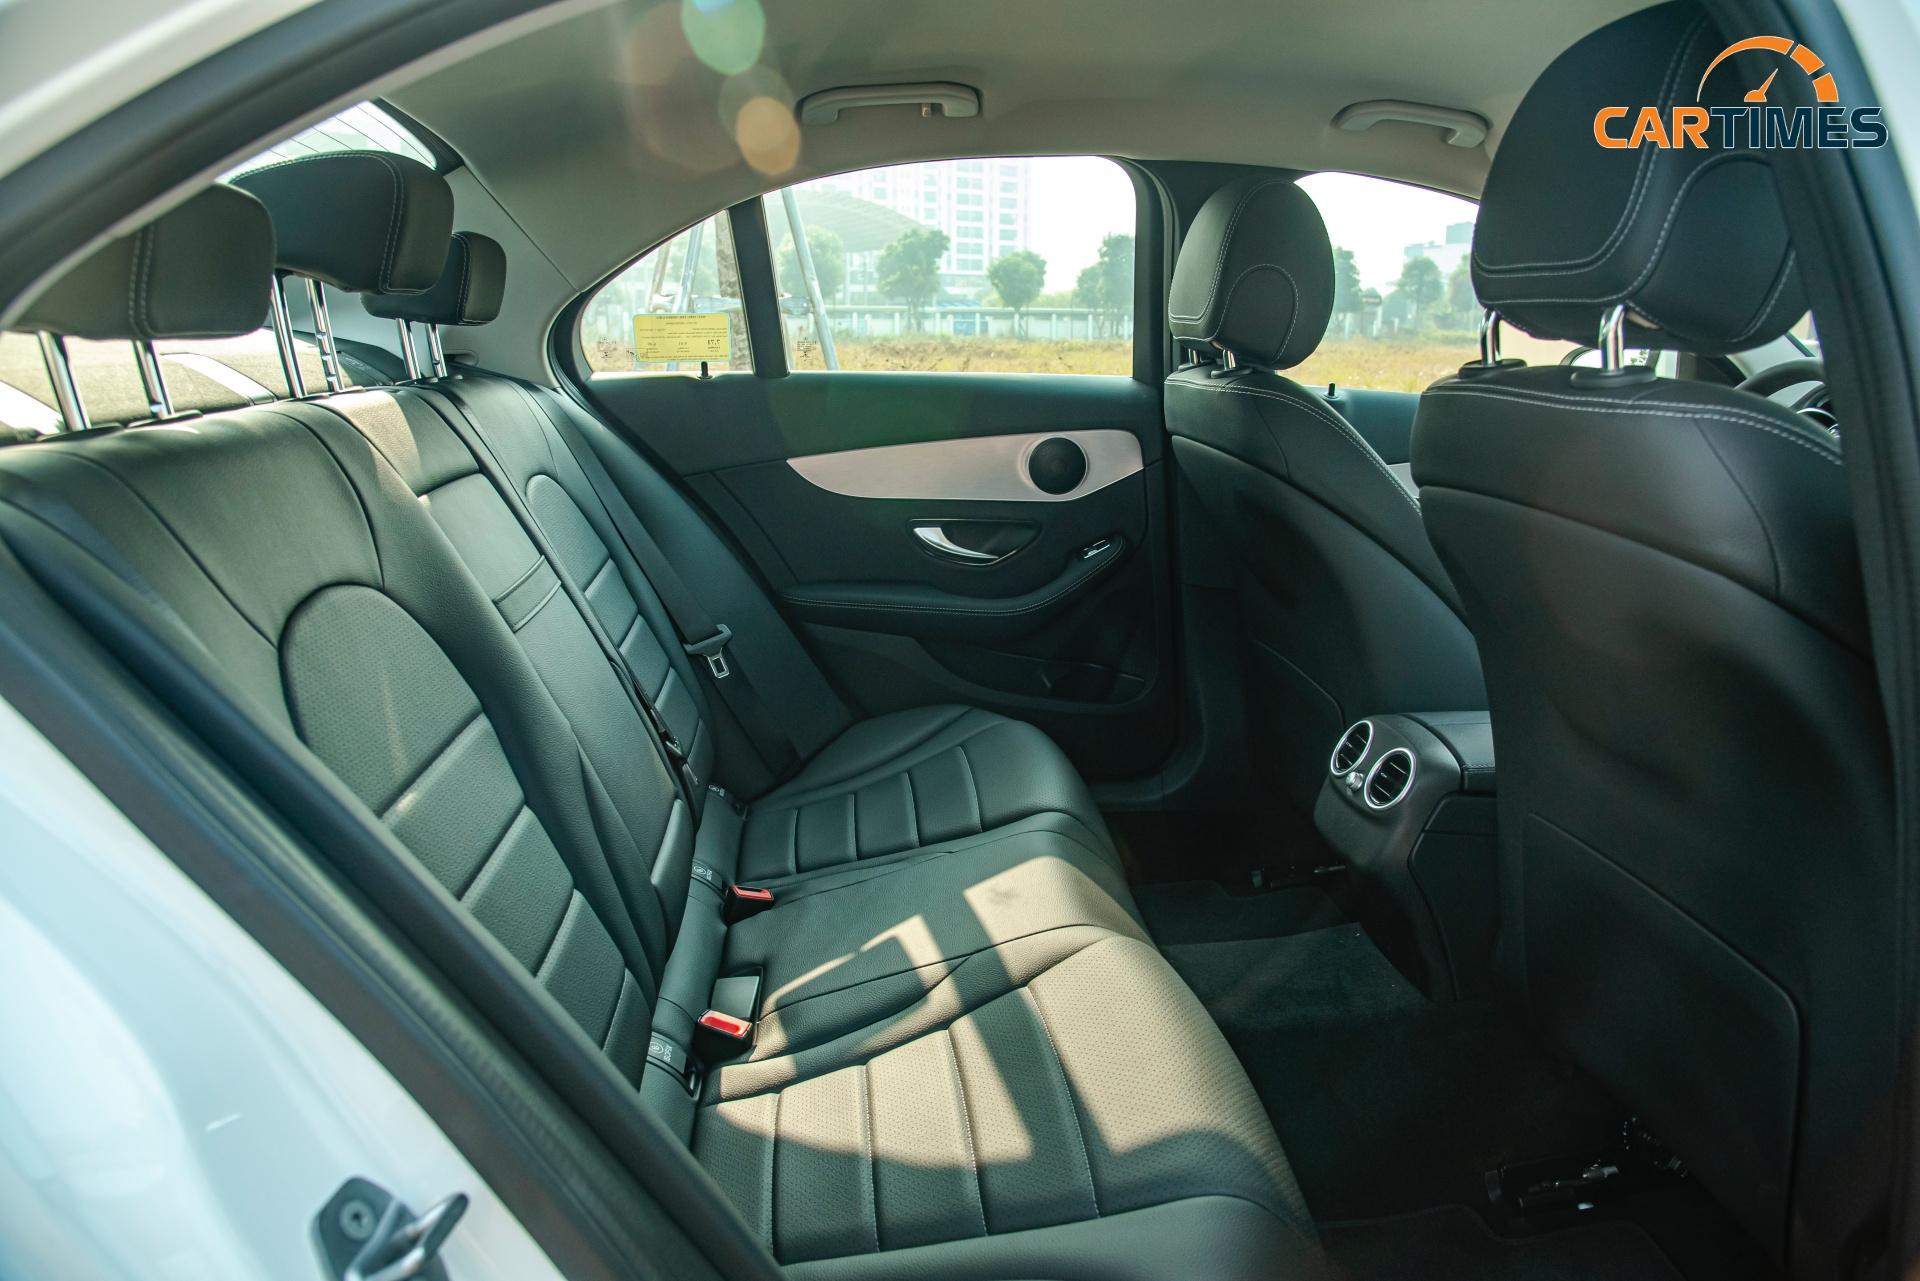 Còn mới tinh tươm, ODO chưa qua 50 km, Mercedes-Benz C 180 2020 đã được rao bán trên thị trường xe cũ -10